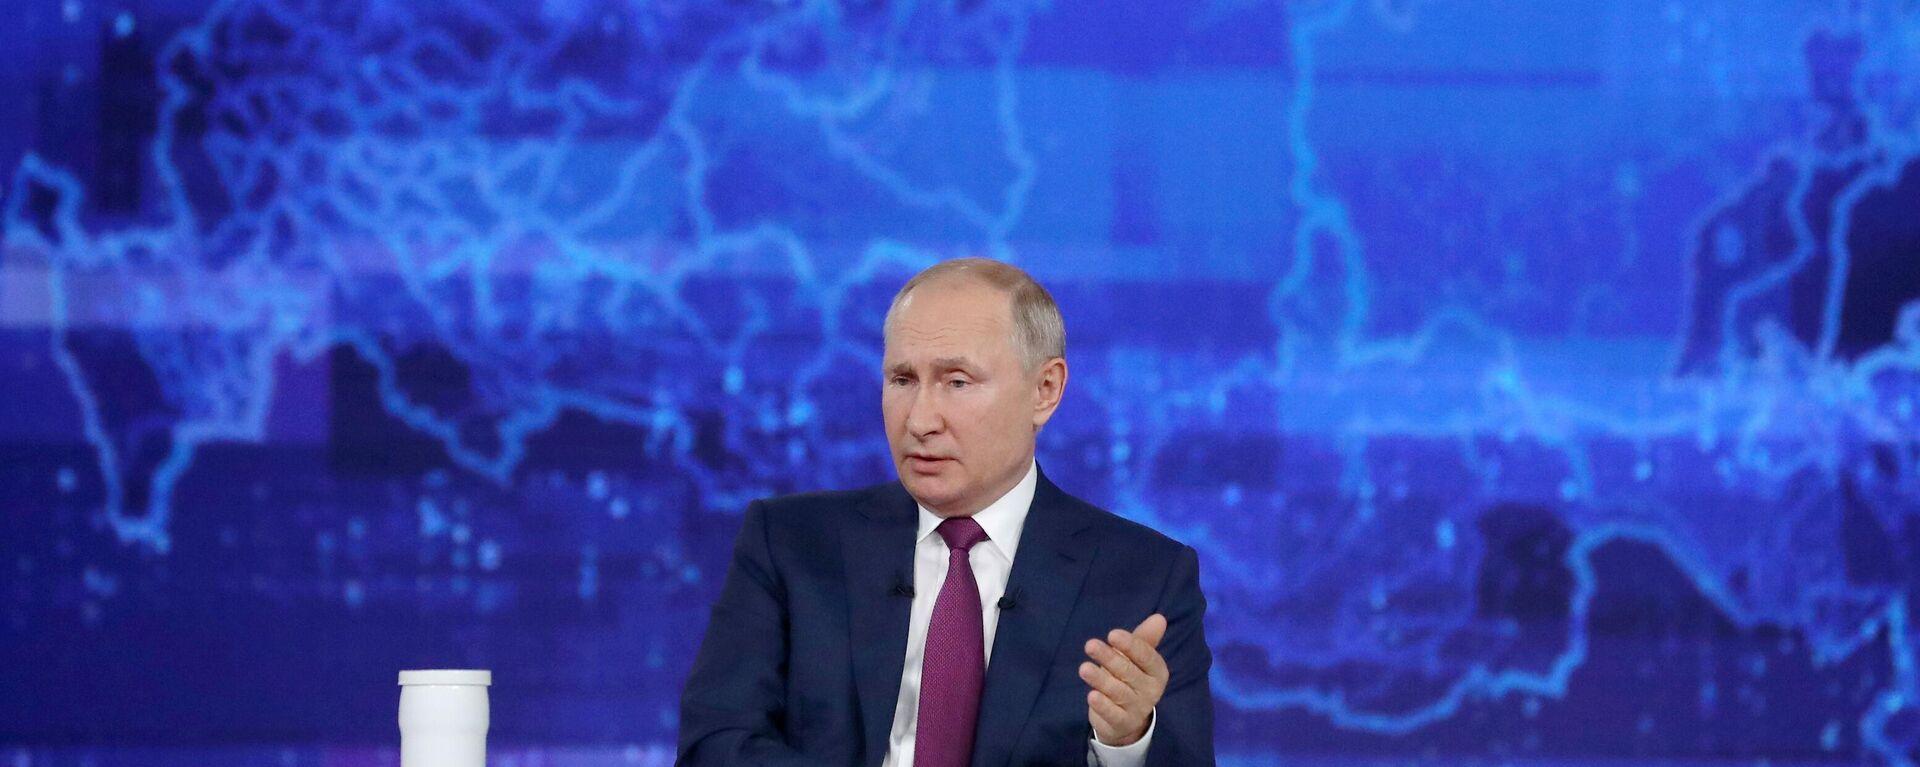 La linea diretta con Vladimir Putin - Sputnik Italia, 1920, 01.09.2021